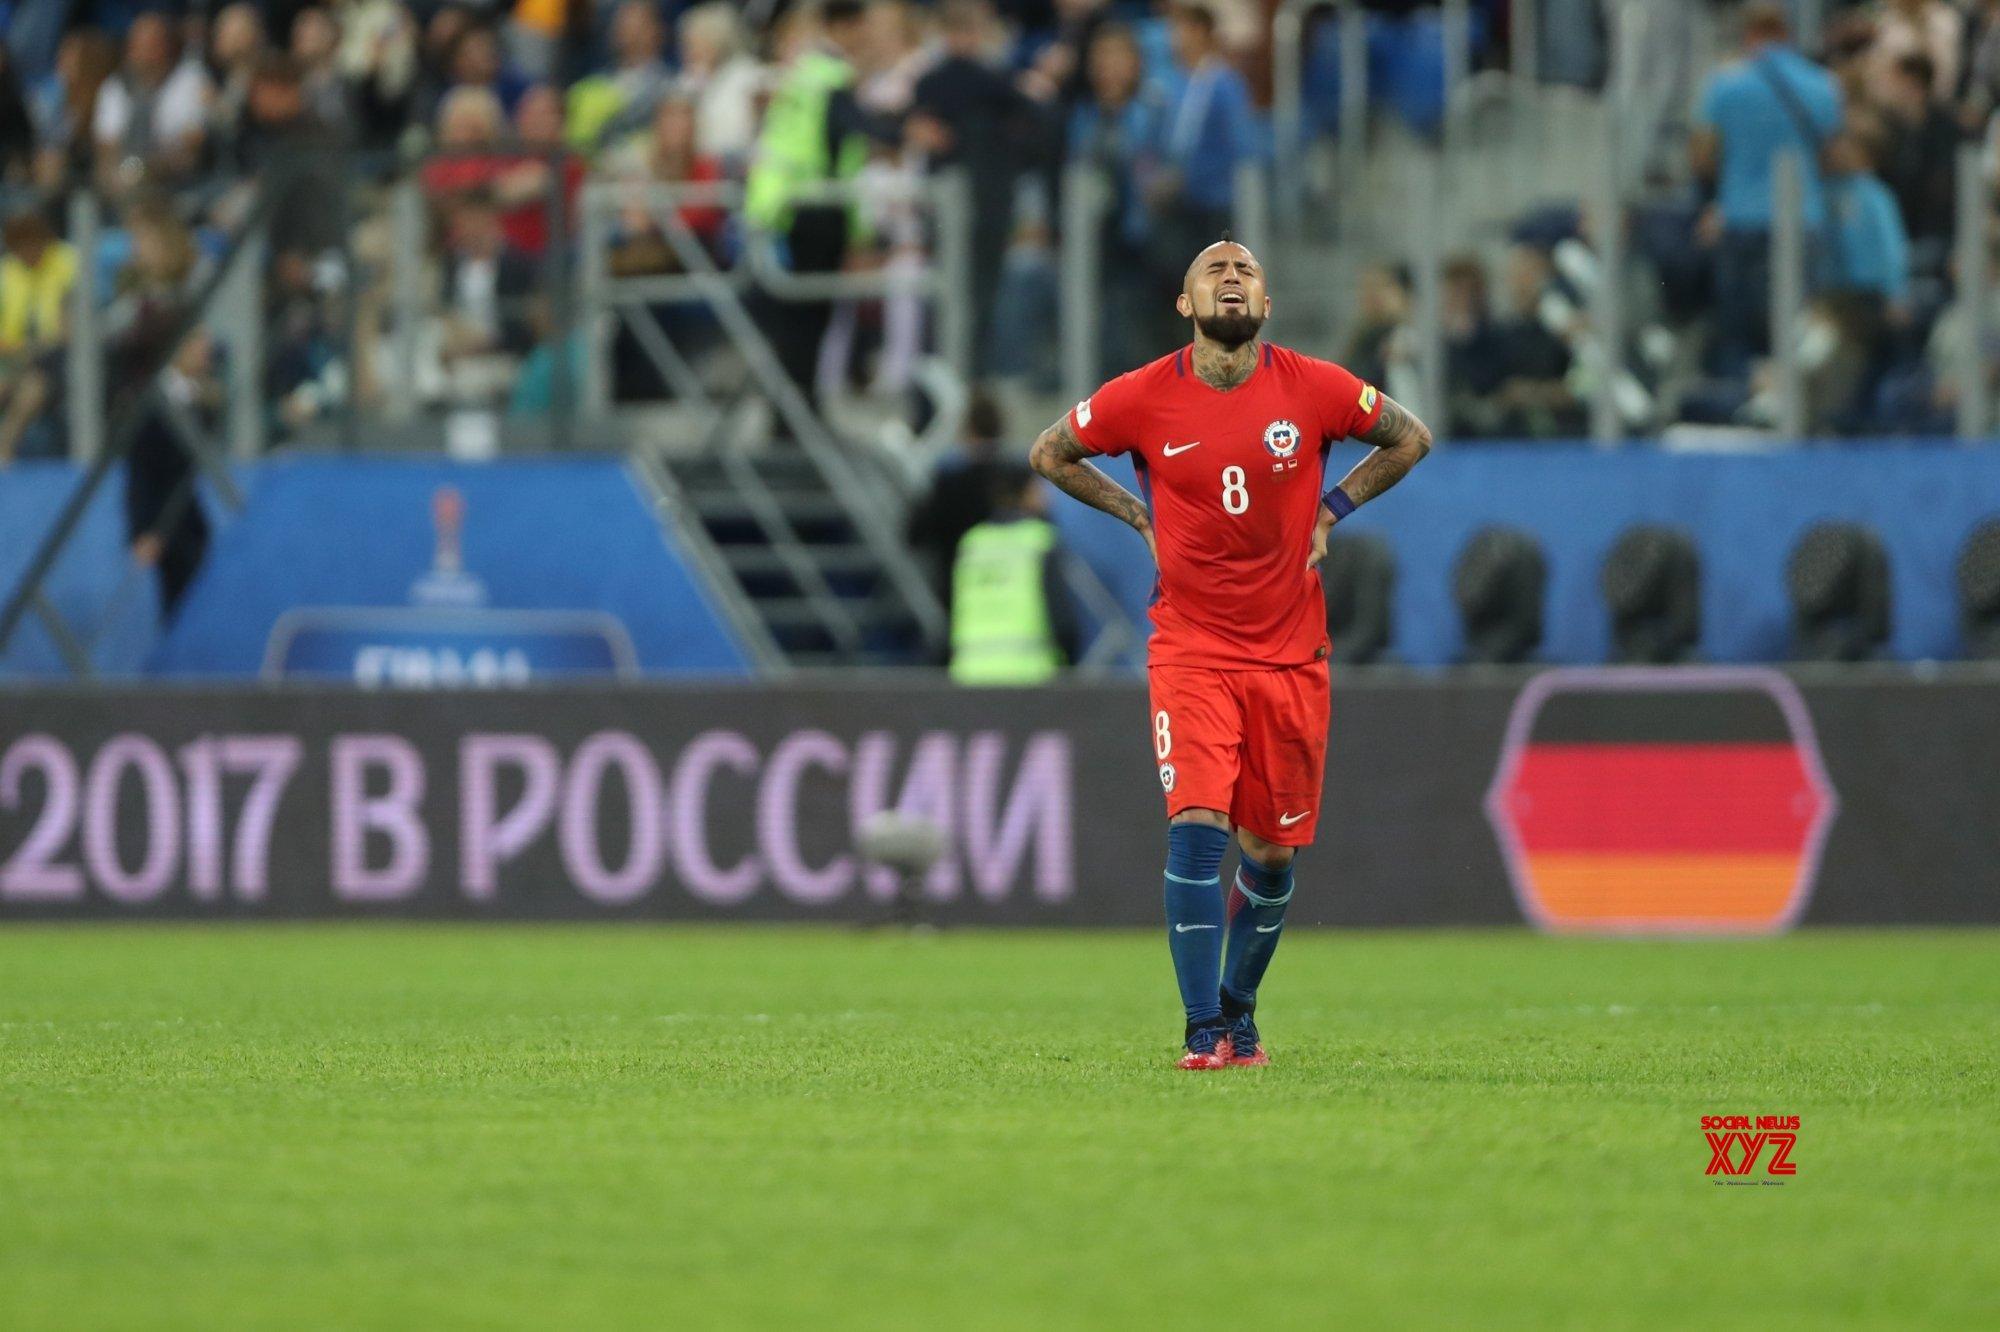 Vidal, Tite support Neymar's return to Barcelona